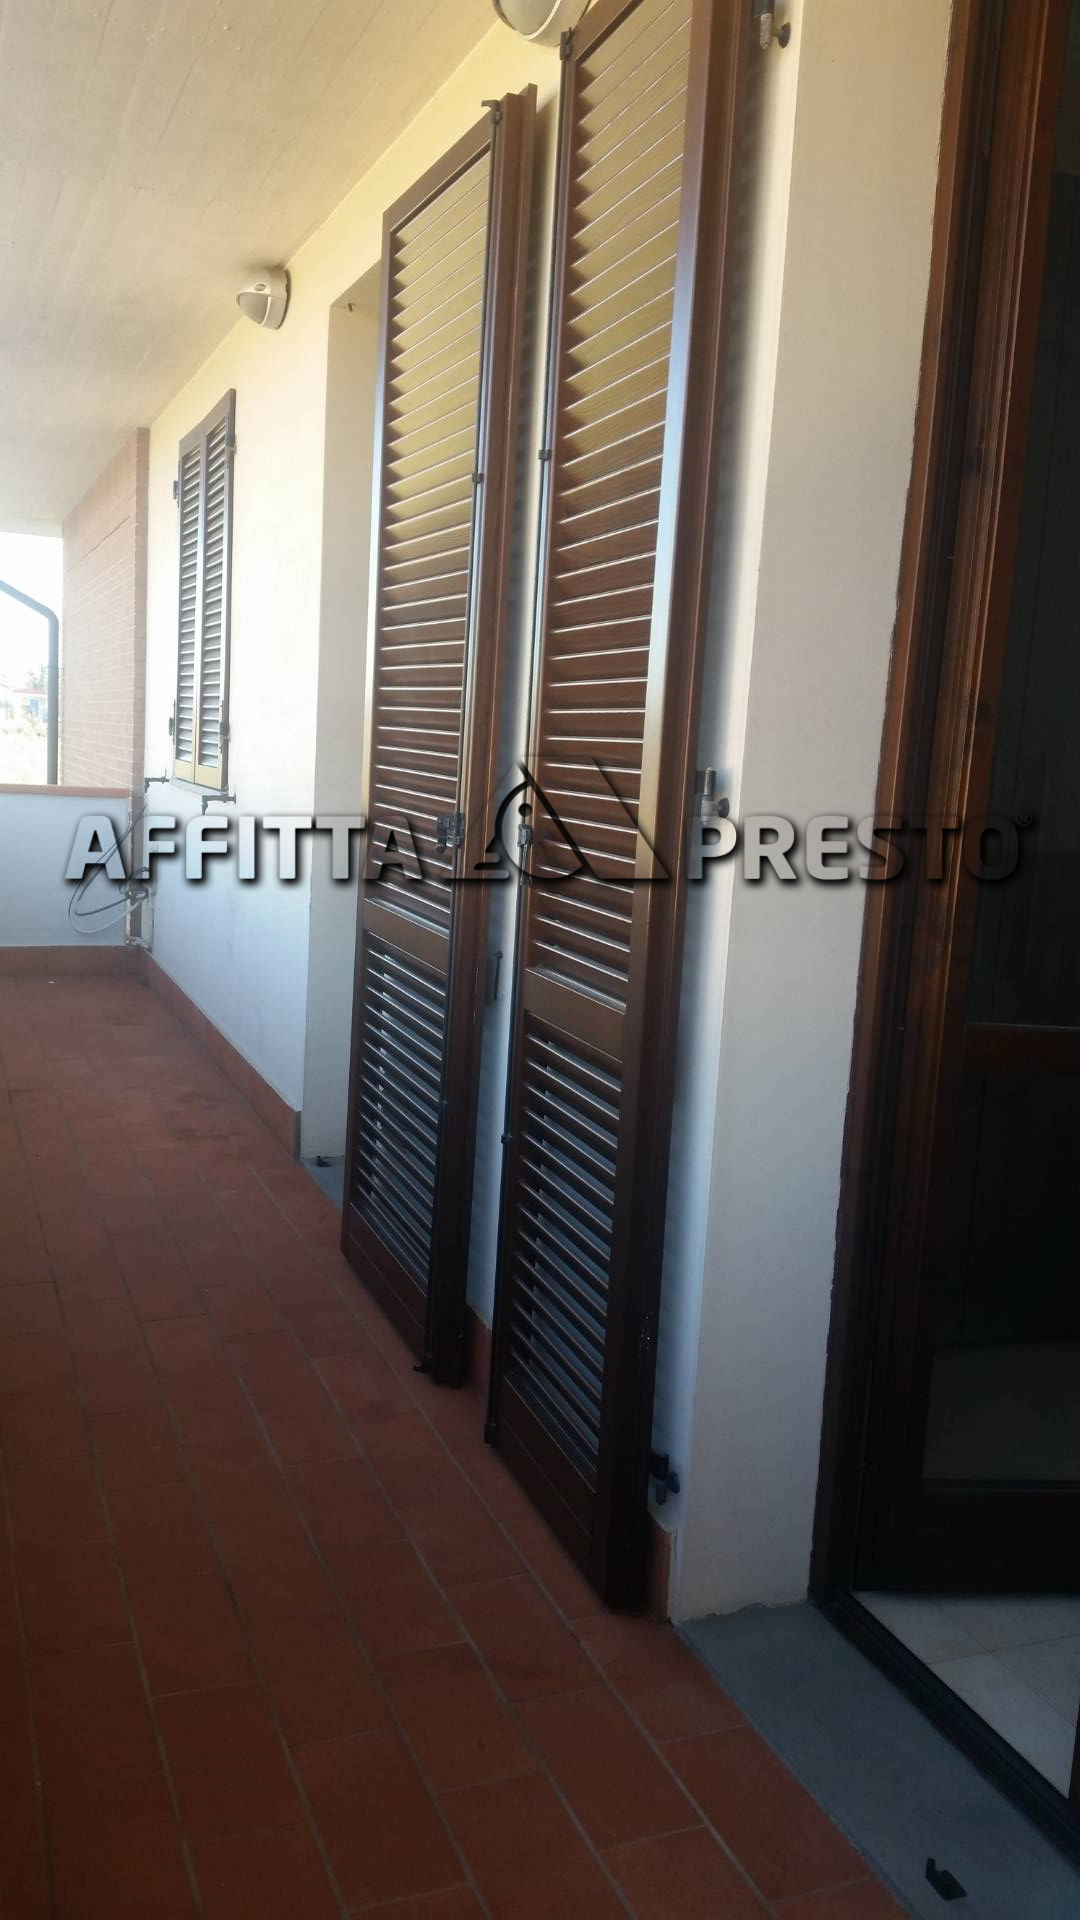 Appartamento in affitto a Il Romito, Pontedera